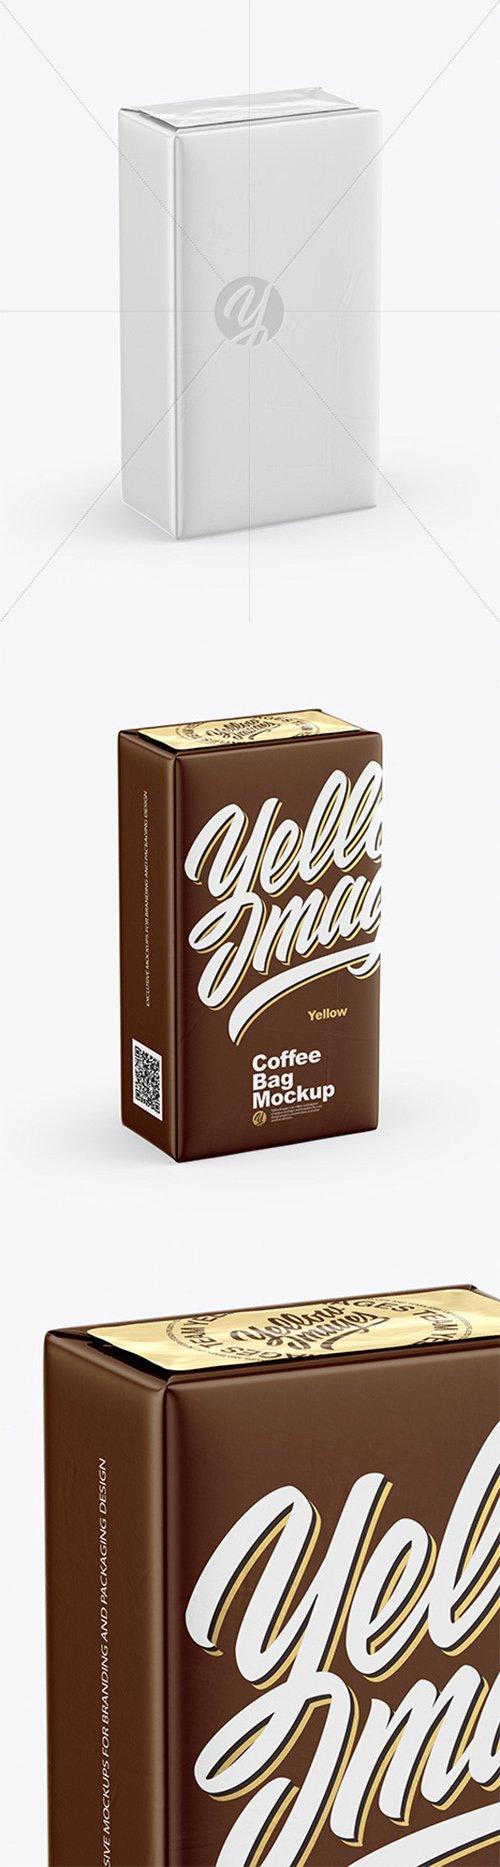 250g Coffee Bag Mockup 61945